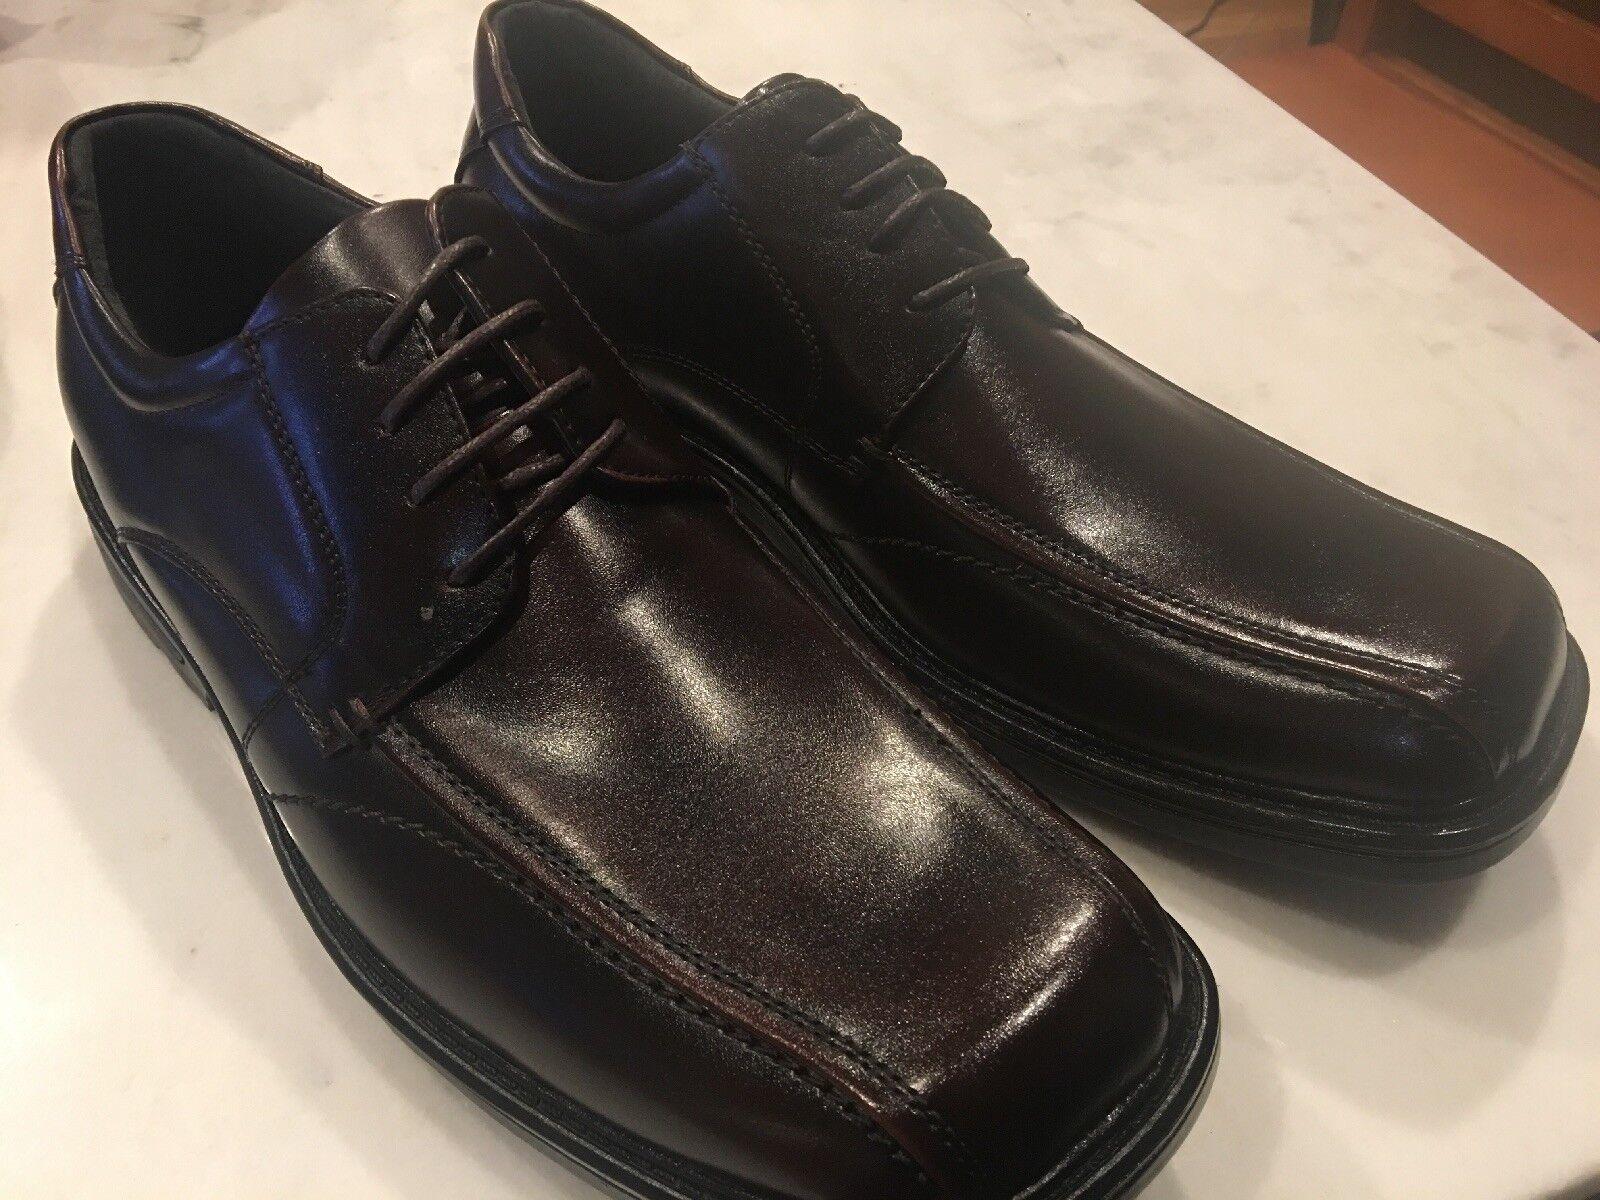 scelte con prezzo basso Via Europa Uomo Leather Scranton Scranton Scranton Marrone Dress scarpe Dimensione 12M New With Box  servizio di prima classe